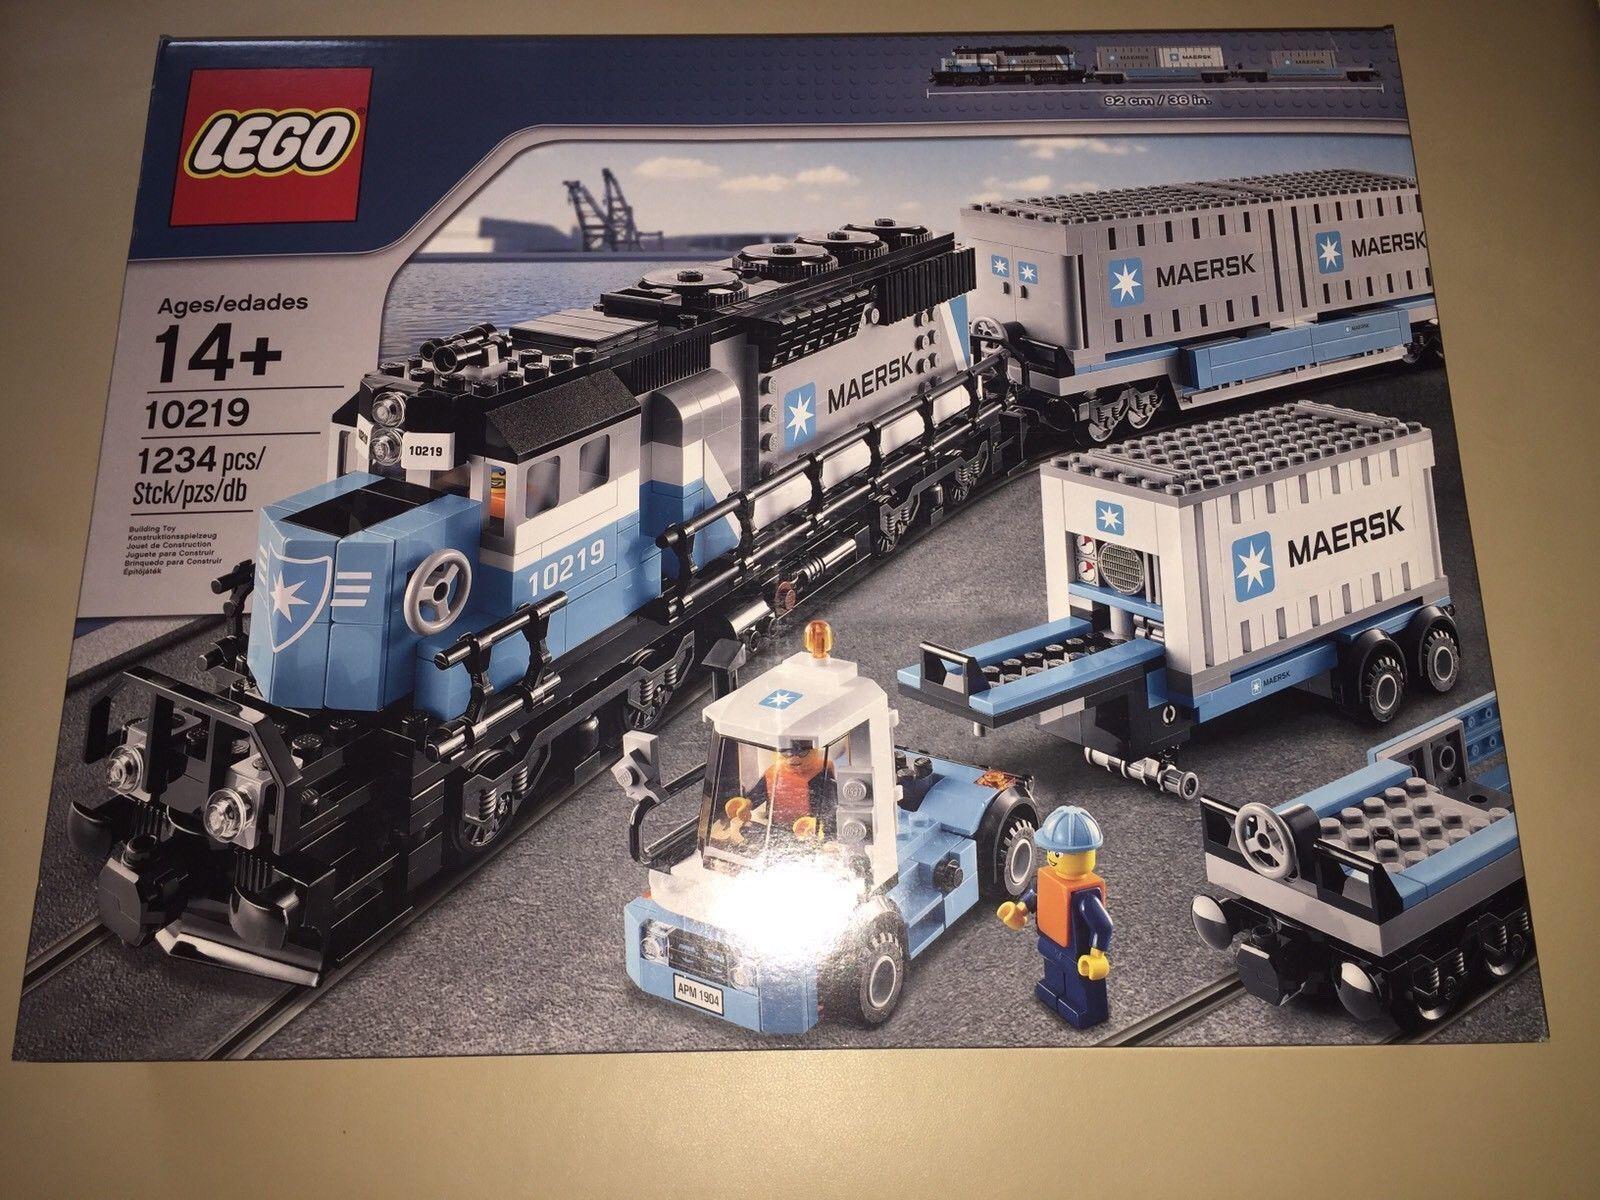 LEGO 10219 in esclusiva Maersk  treno NUOVO OVP SEALED non aperto stato da collezione  consegna rapida